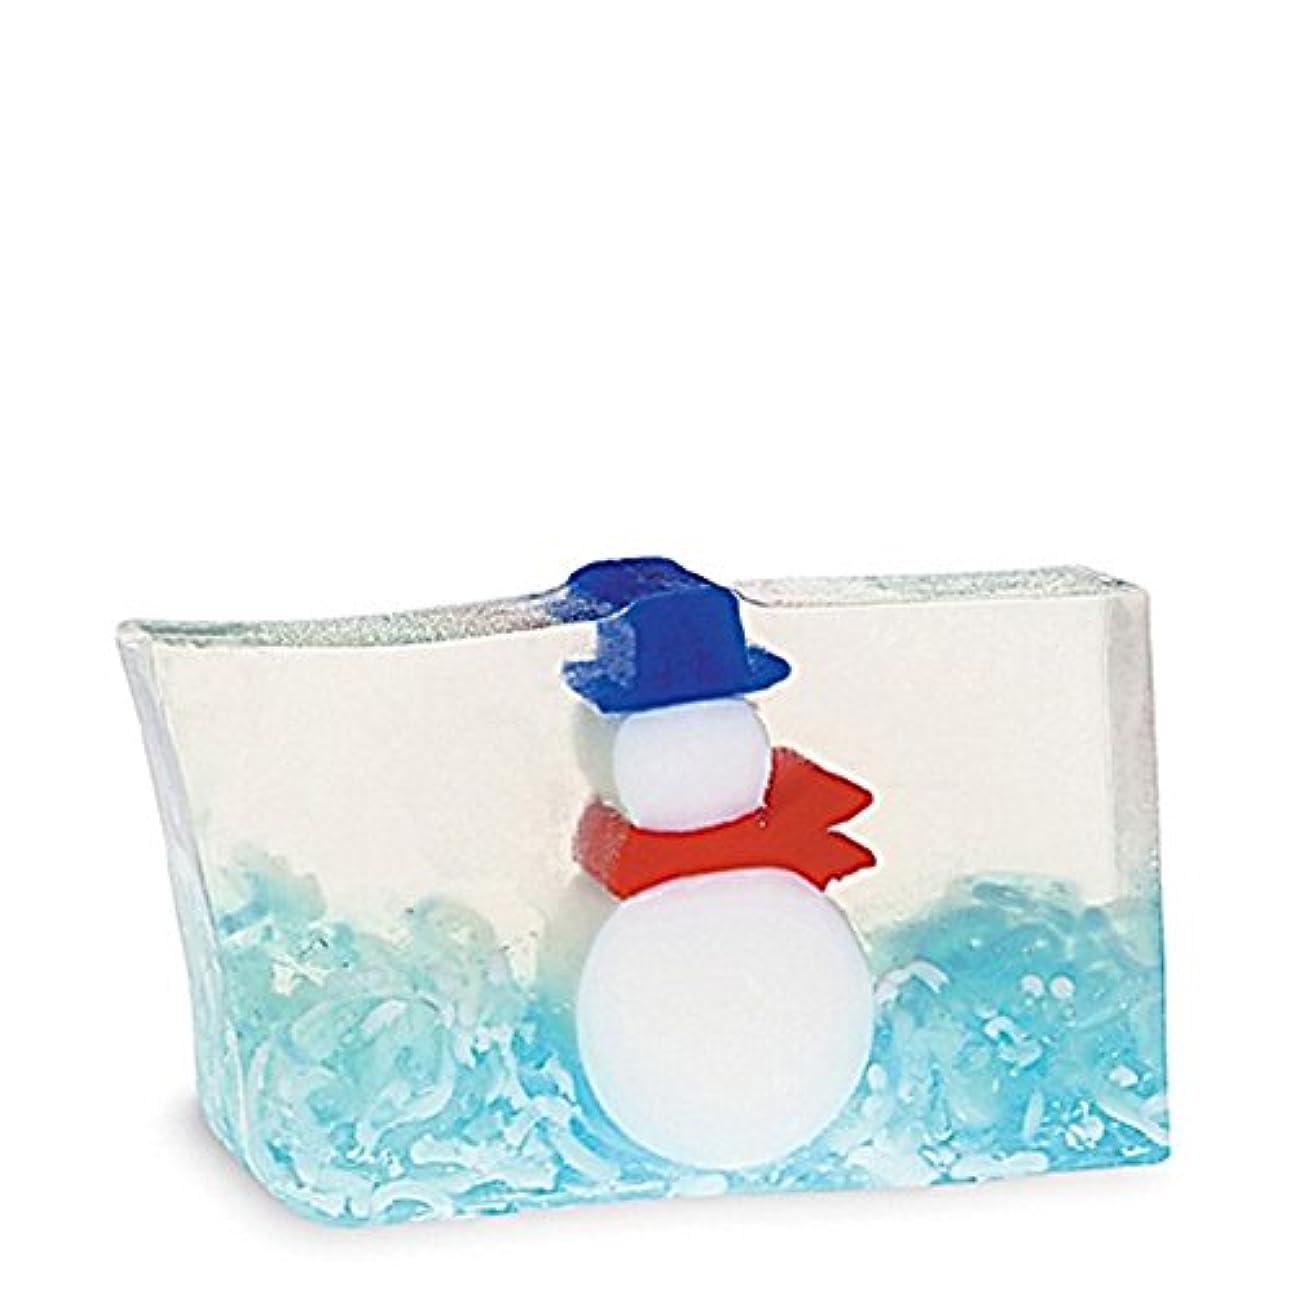 ベッド測るに賛成原初の要素雪だるま石鹸170グラム x2 - Primal Elements Snowman Soap 170g (Pack of 2) [並行輸入品]